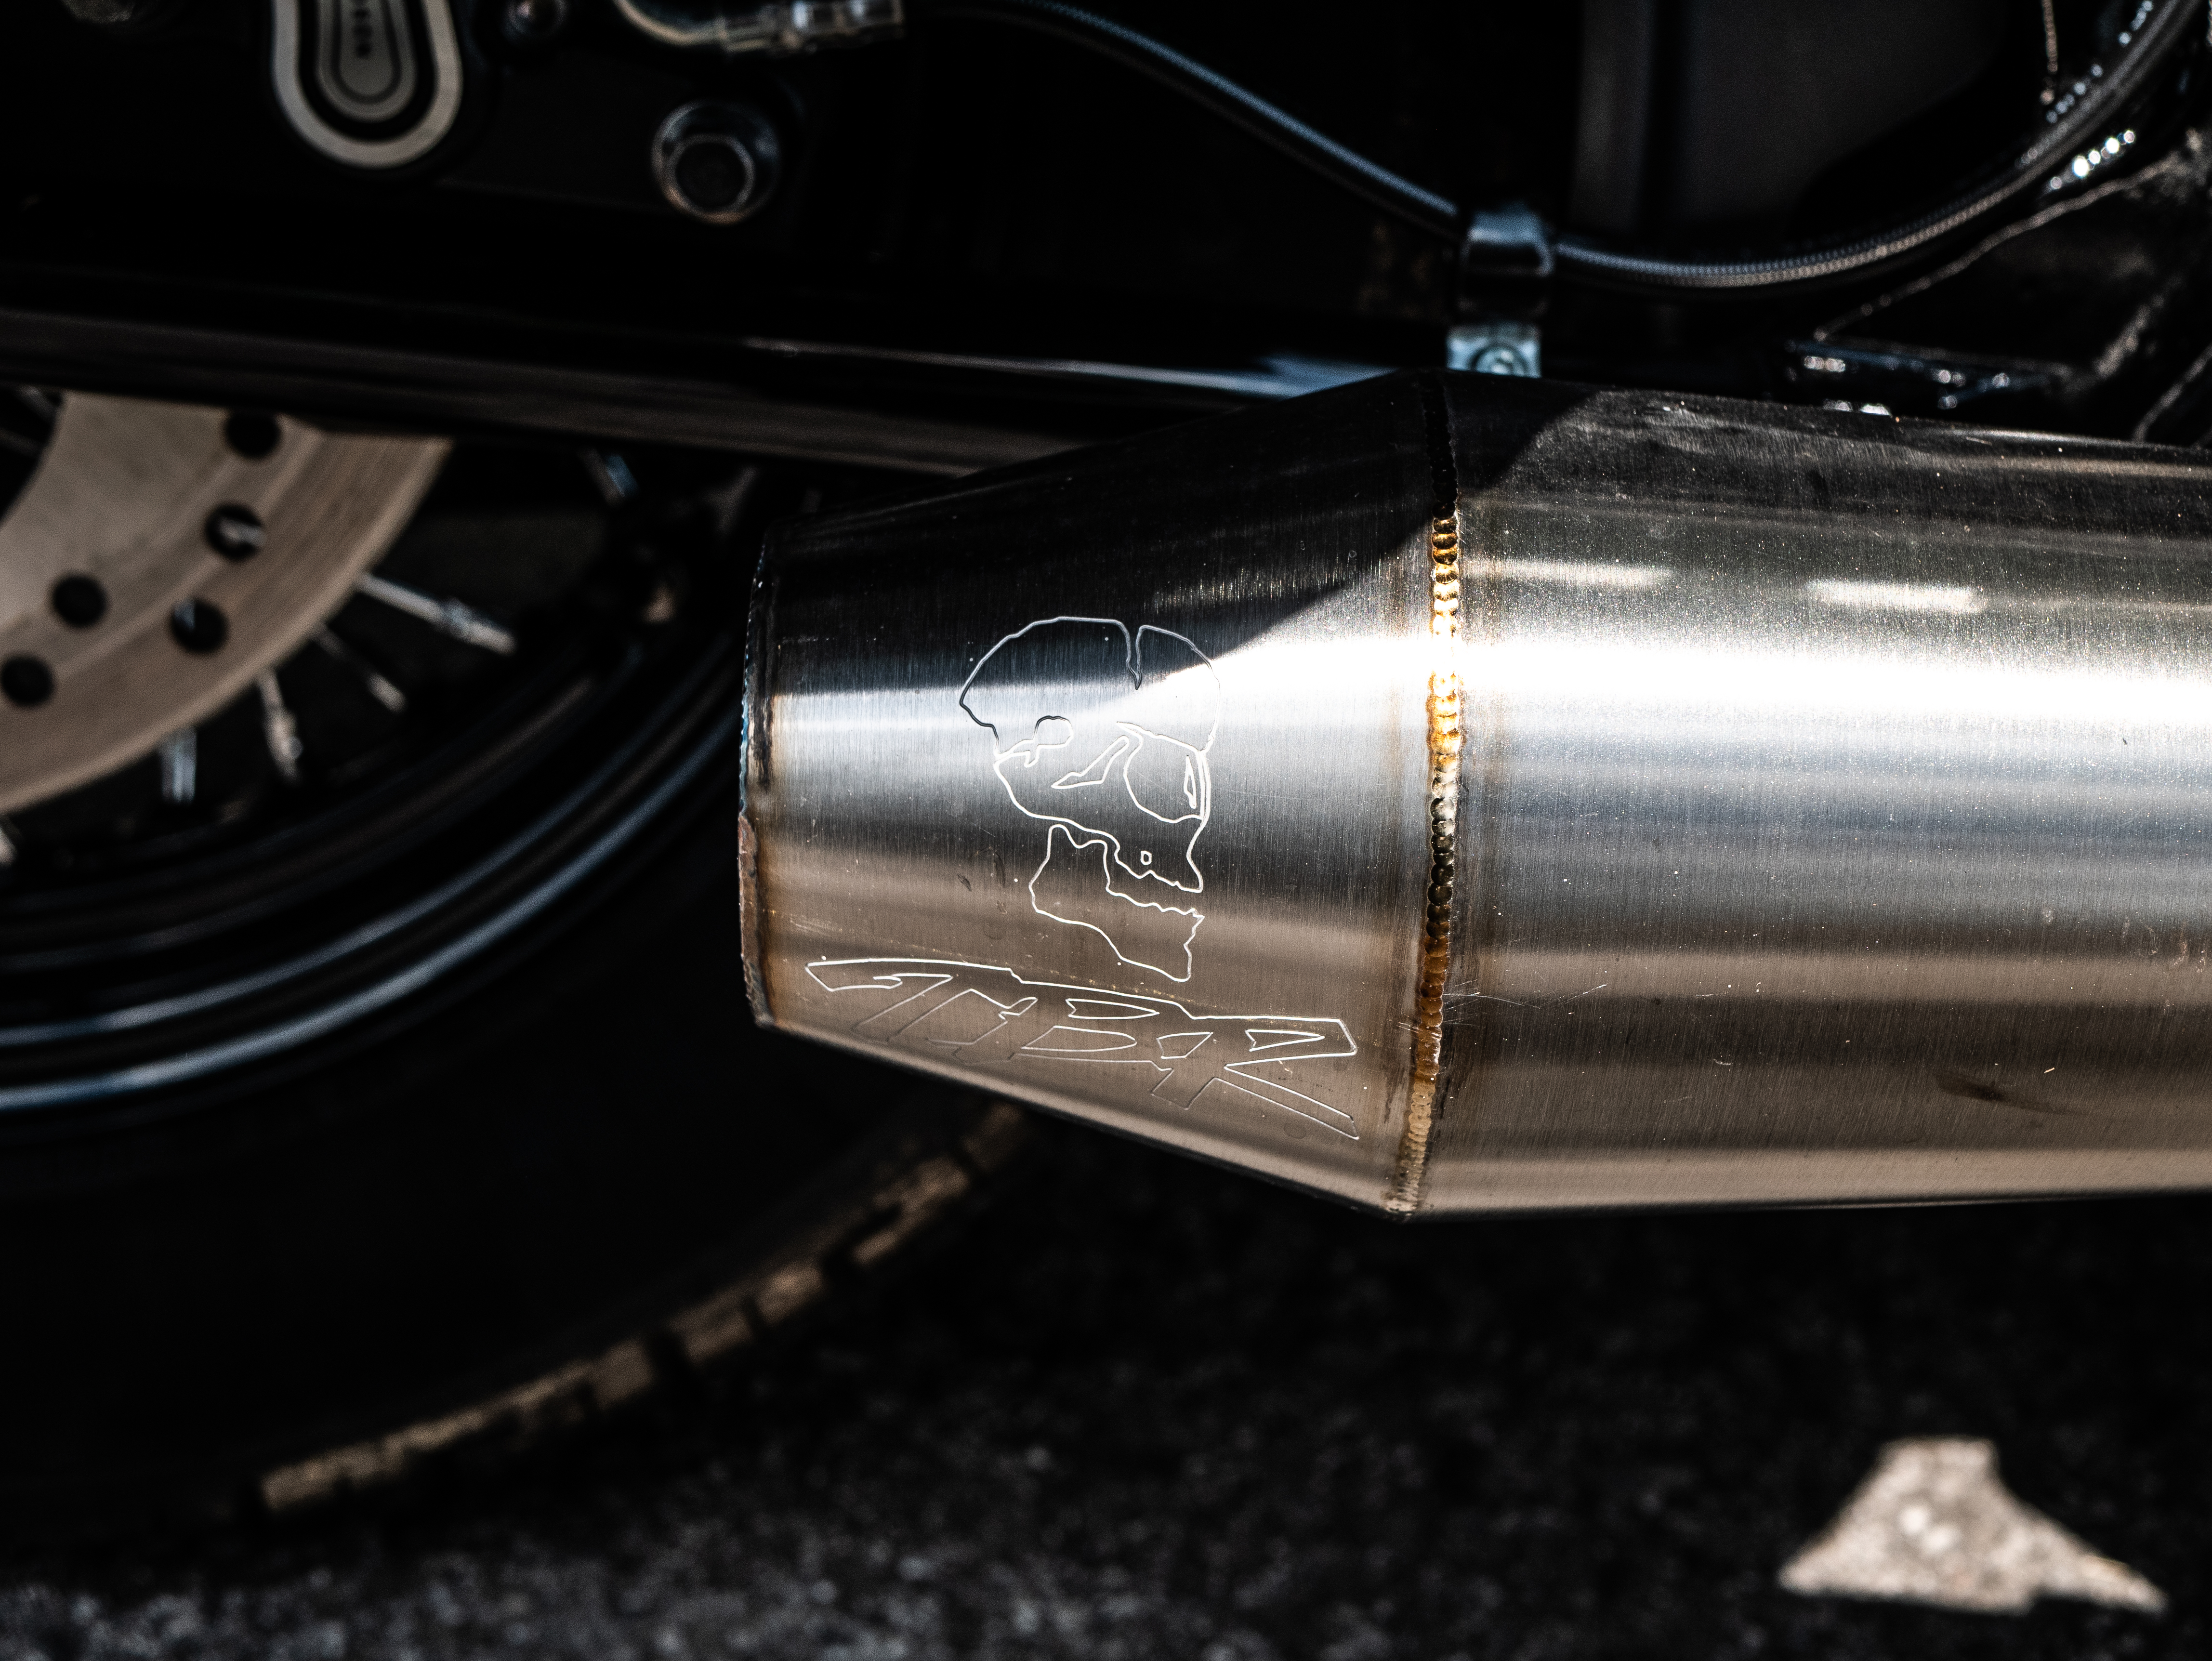 Pre-Owned 2018 Harley-Davidson Street Bob